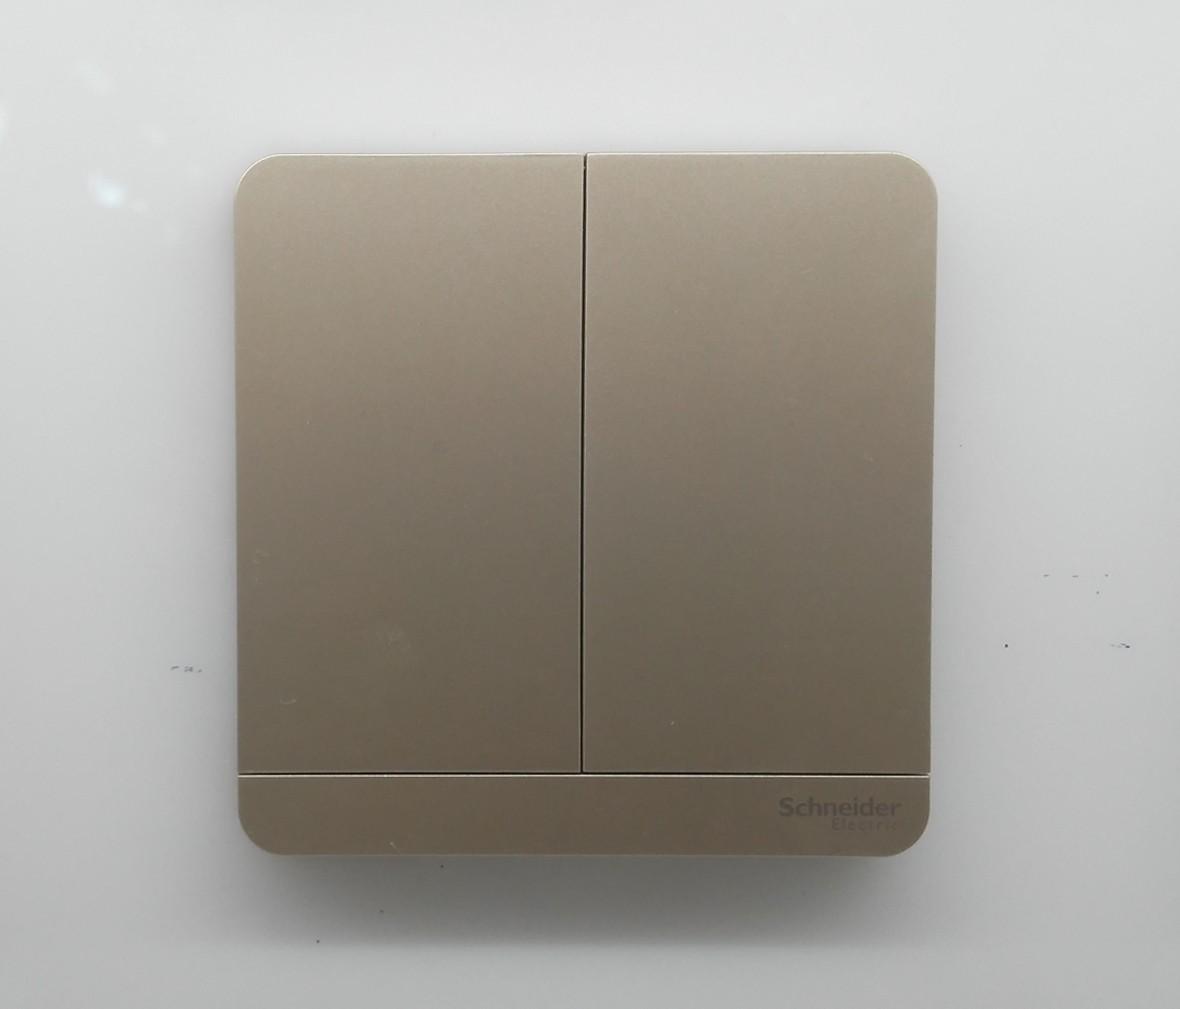 施耐德 蓝韵系列 双开开关 PC材质 耐高温 防漏电 安全插座 实拍